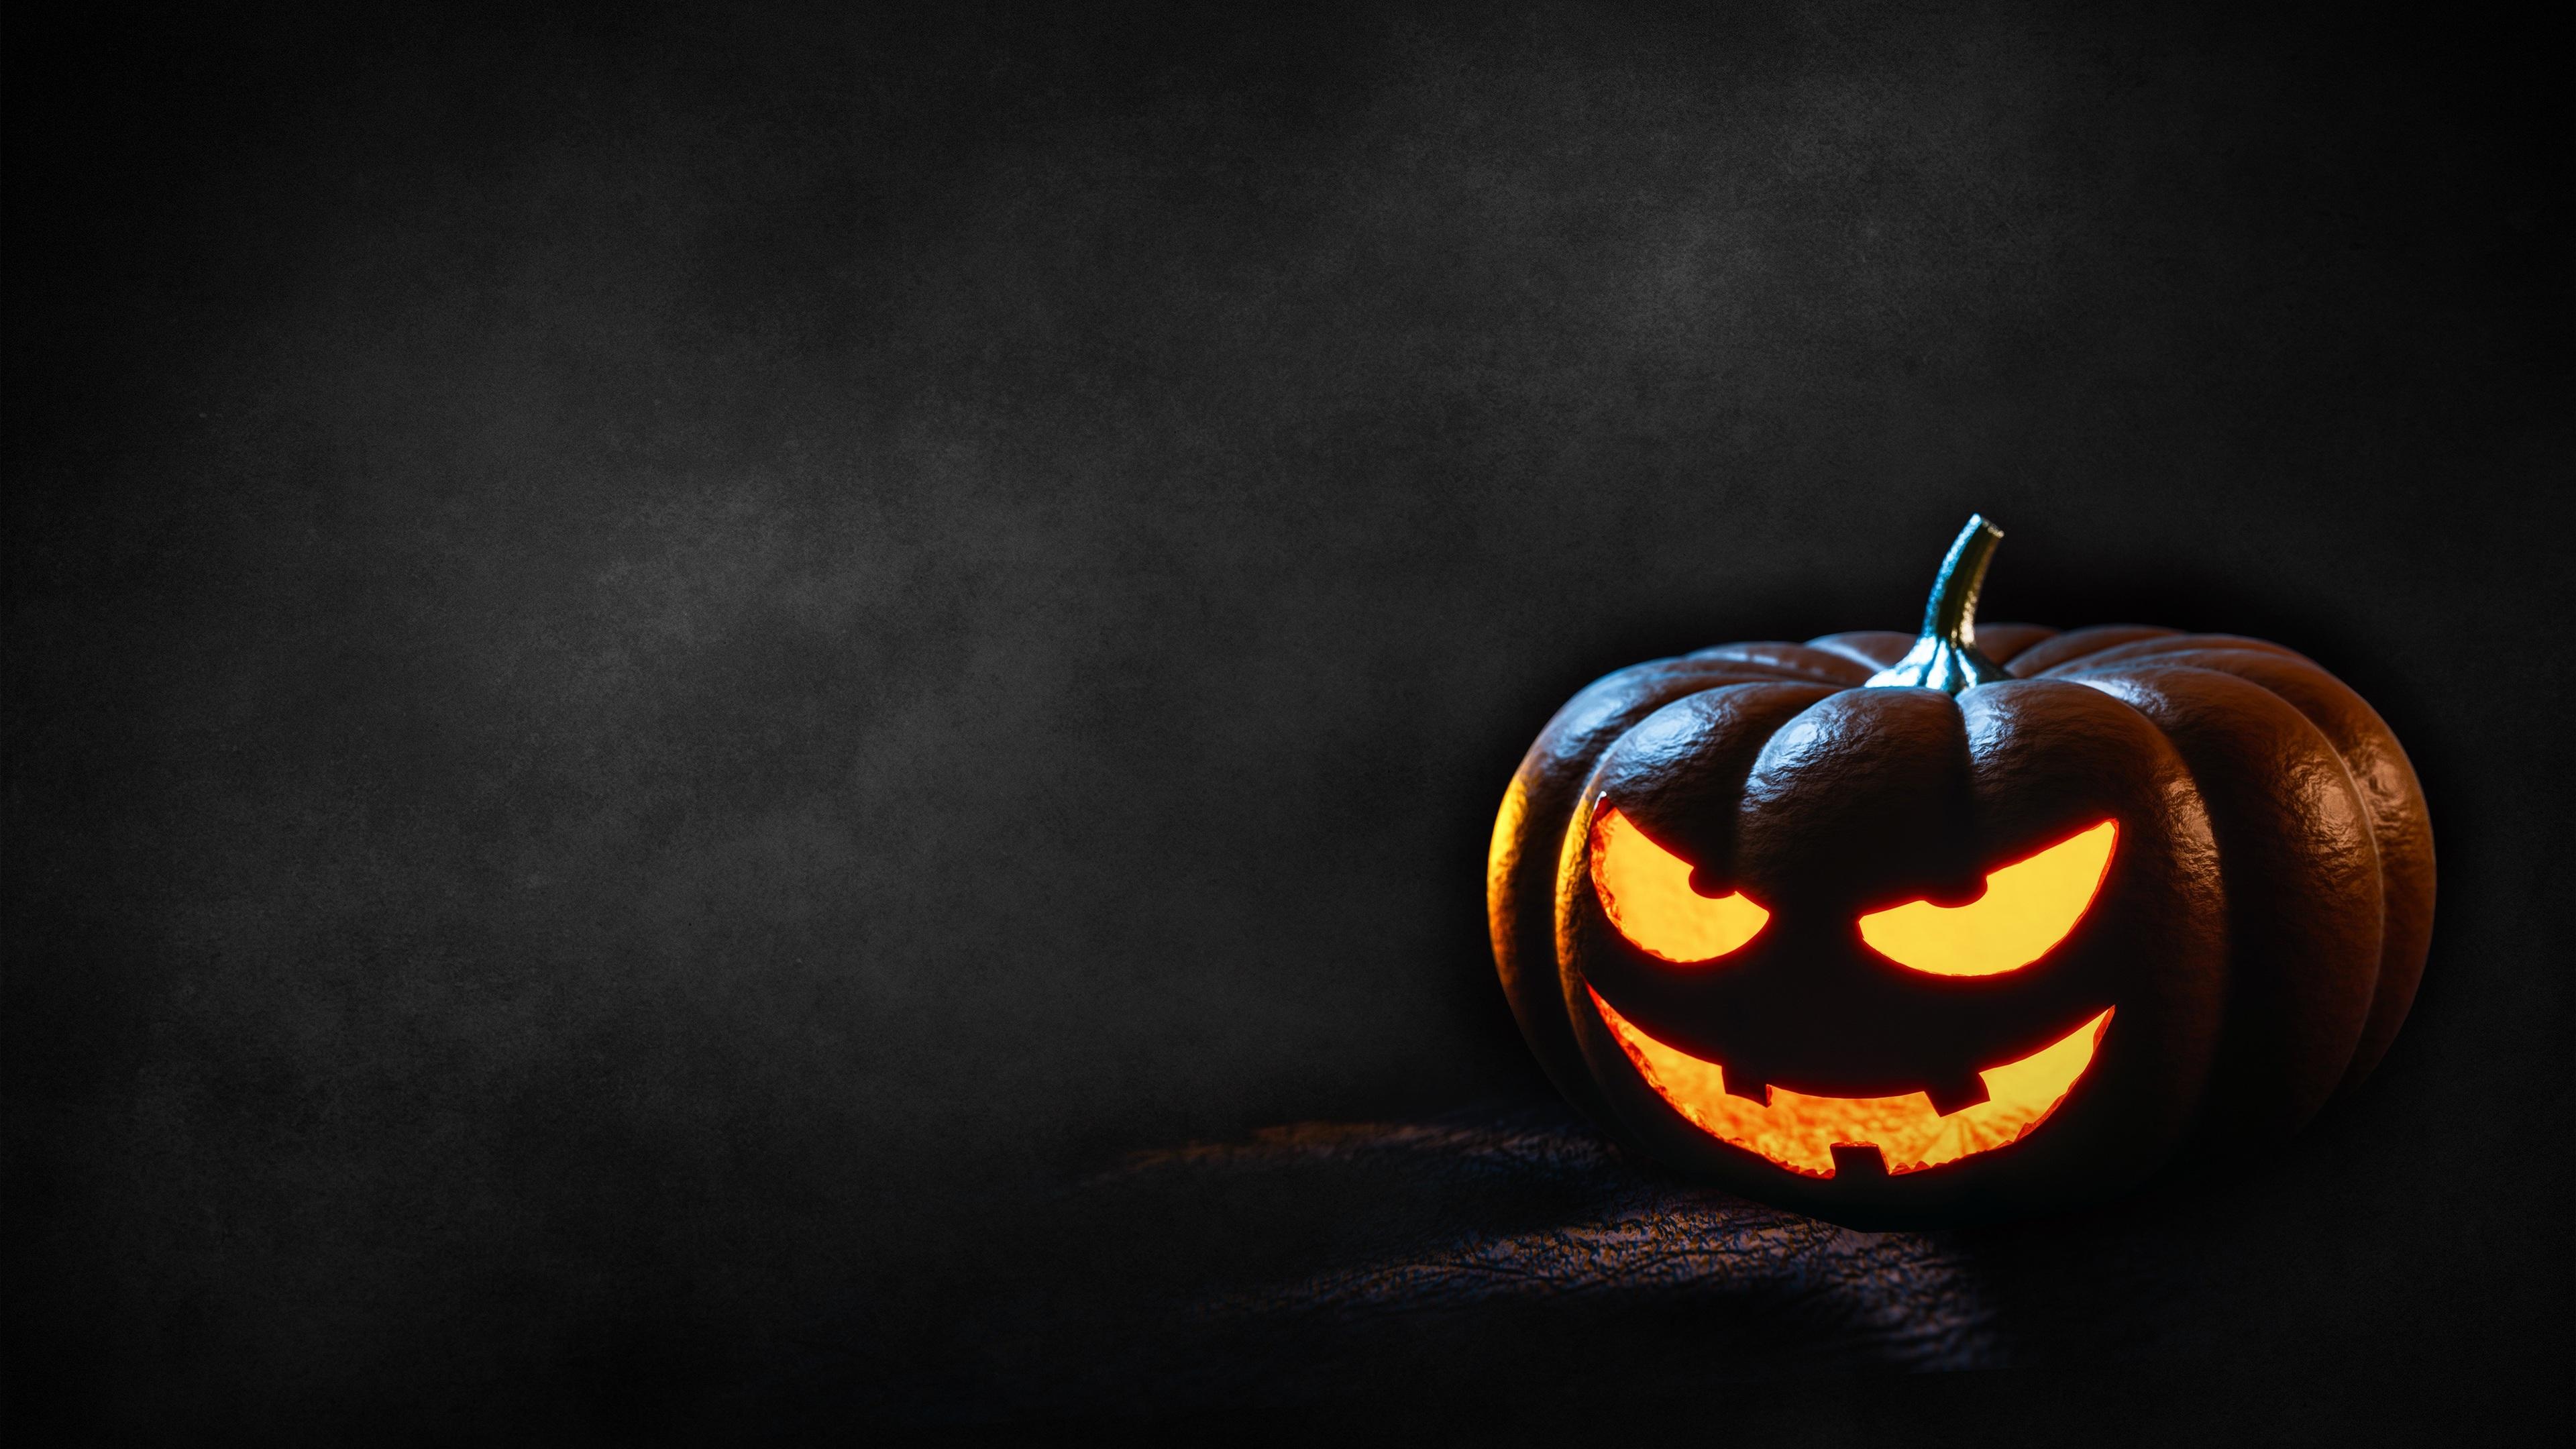 happy halloween pumpkin 4k 1543946382 - Happy Halloween Pumpkin 4k - pumpkin wallpapers, holidays wallpapers, hd-wallpapers, halloween wallpapers, celebrations wallpapers